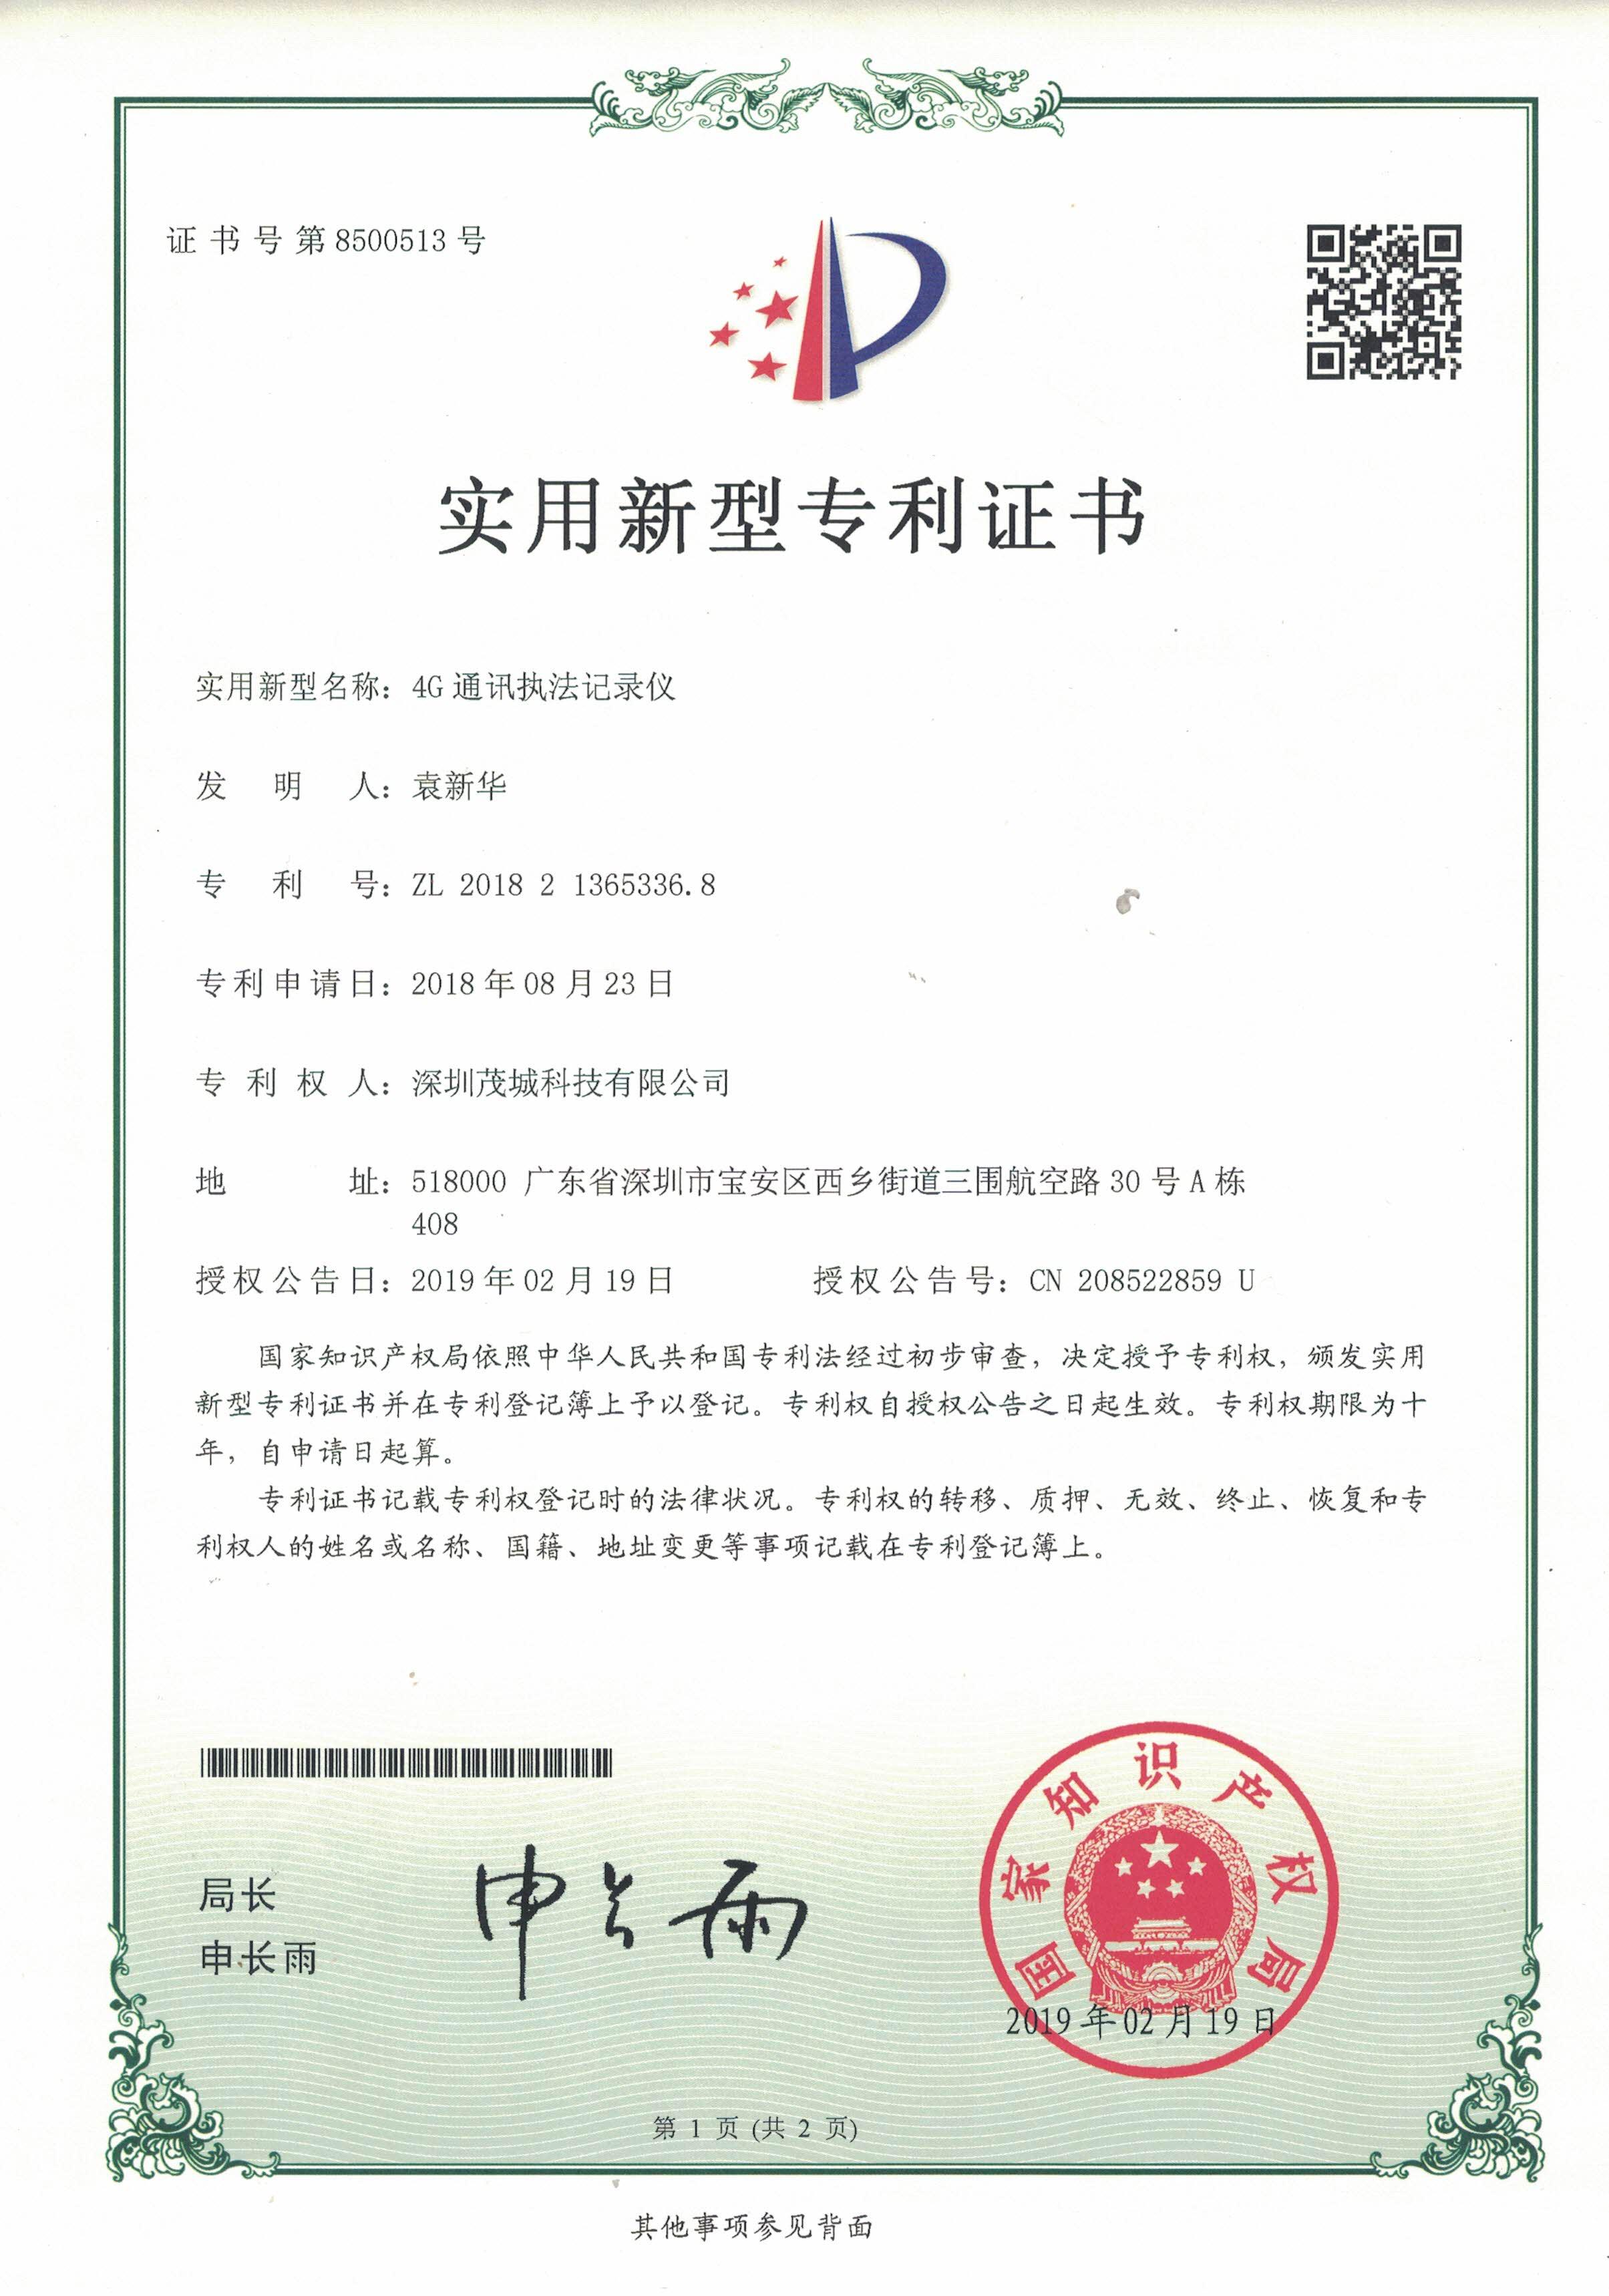 4G执法仪专利证书